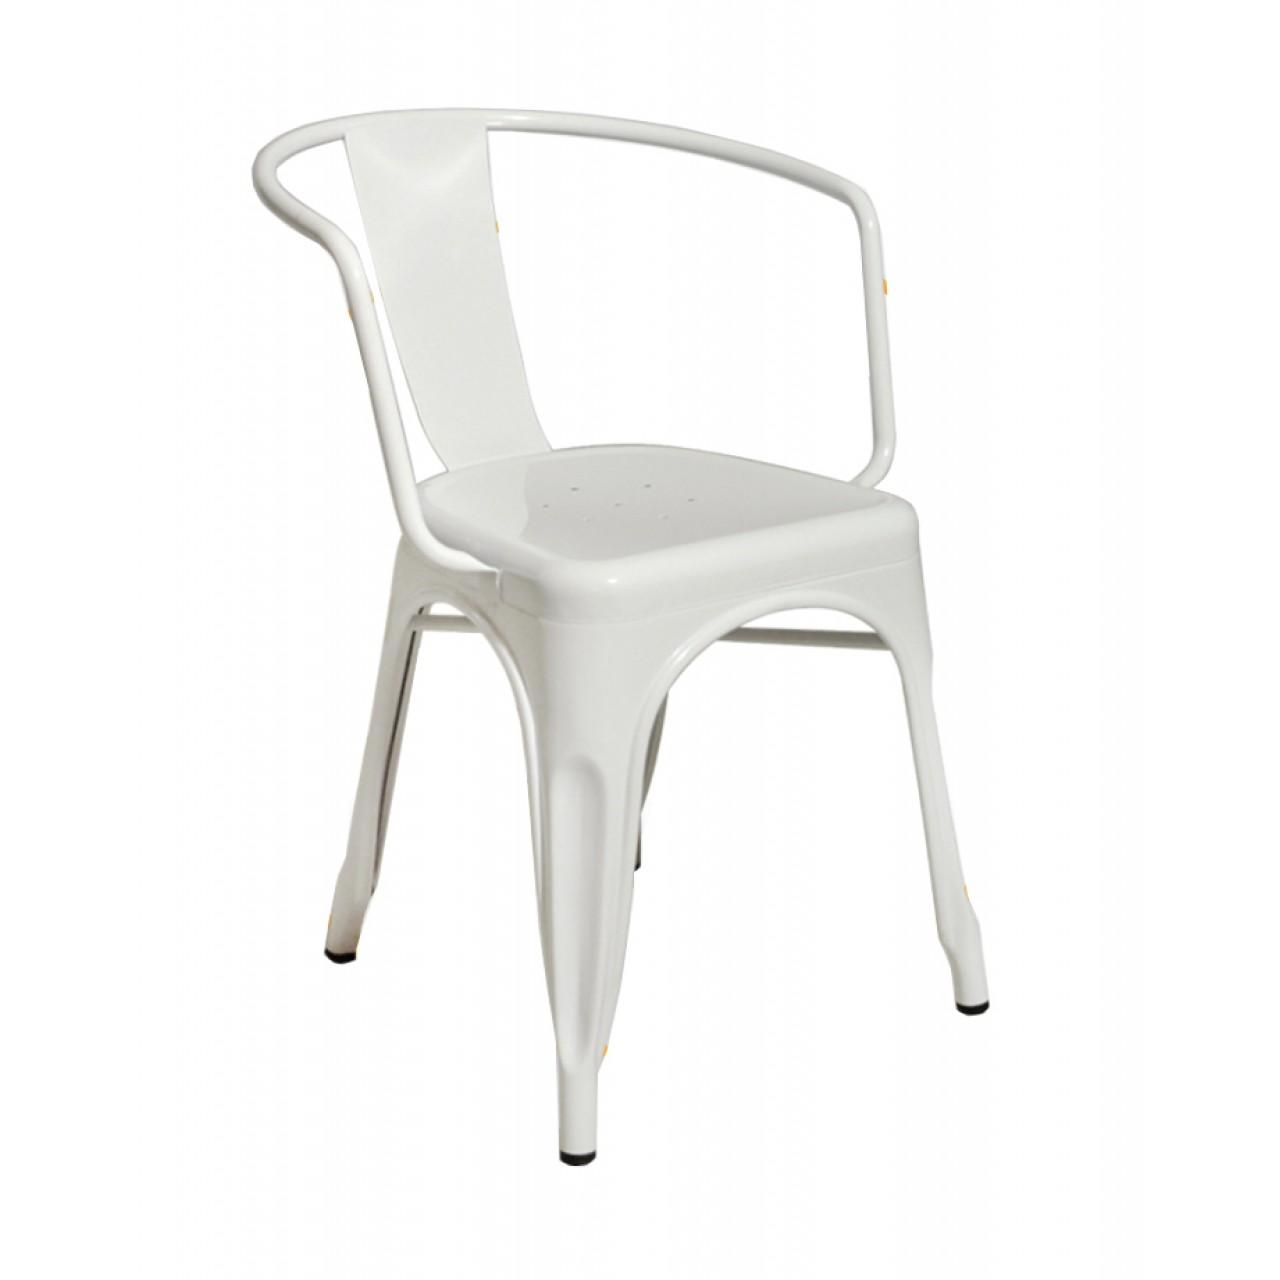 Καρέκλα Industrial Λευκό Ξενοδοχειακά / Επαγγελματικά